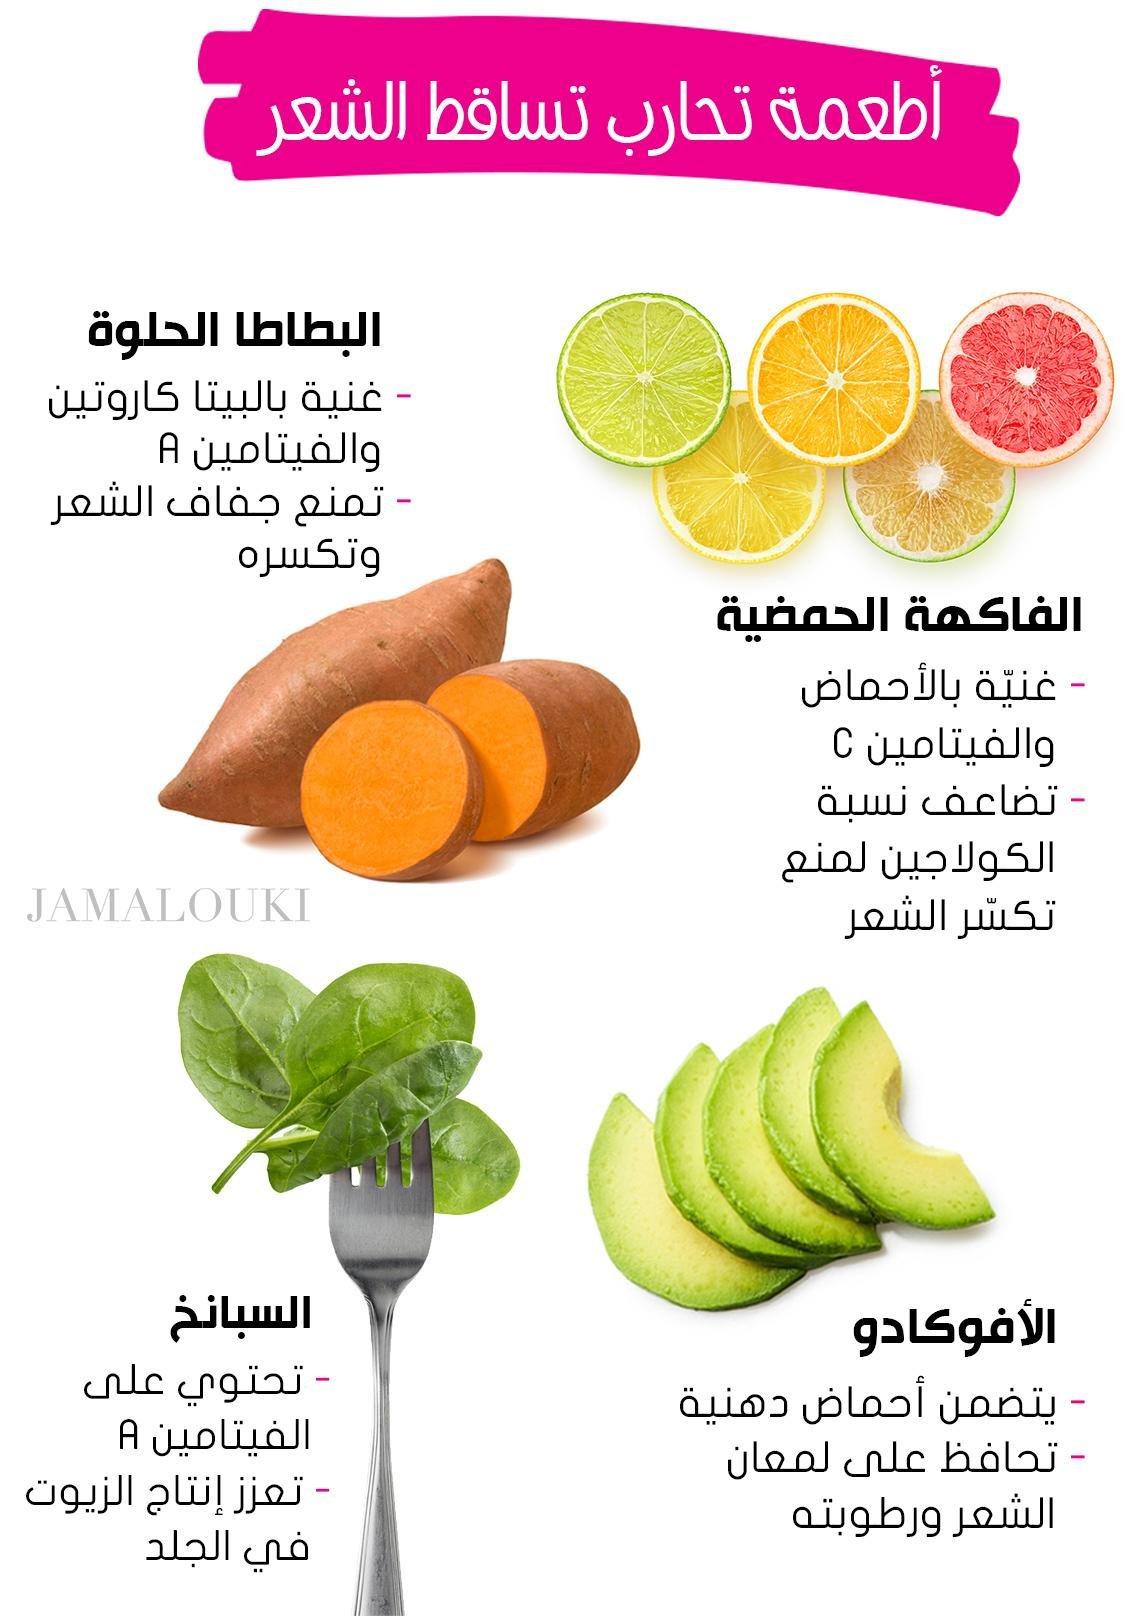 صحي برغي قوي اشياء مفيدة للشعر Arkansawhogsauce Com